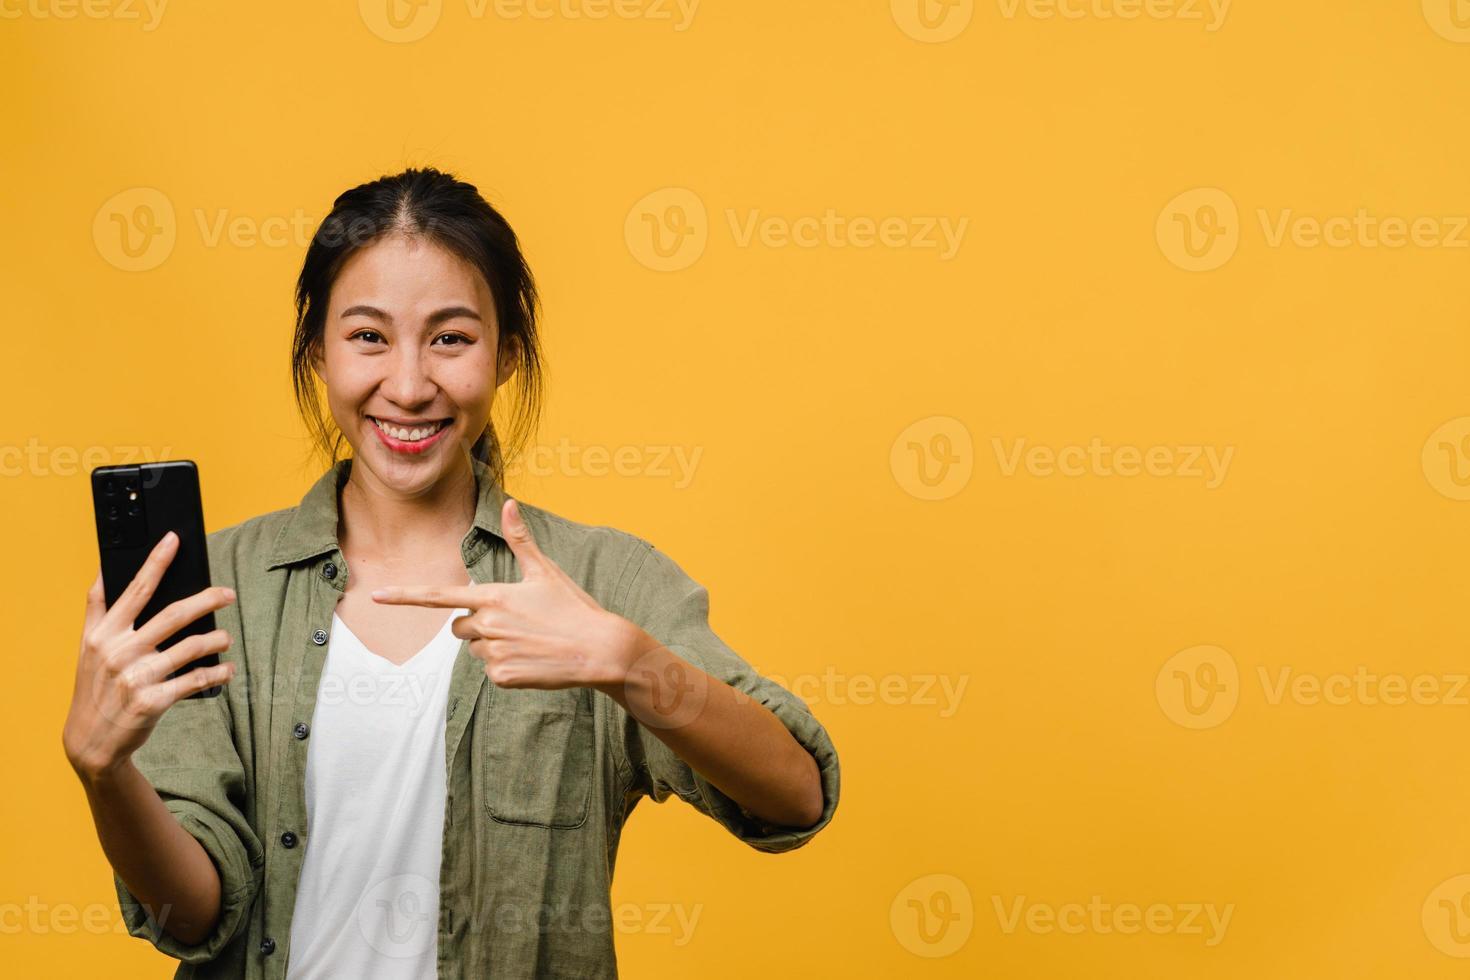 giovane donna asiatica che utilizza il telefono cellulare con espressione allegra, mostra qualcosa di straordinario nello spazio vuoto in un panno casual e guardando la telecamera isolata su sfondo giallo. concetto di espressione facciale. foto